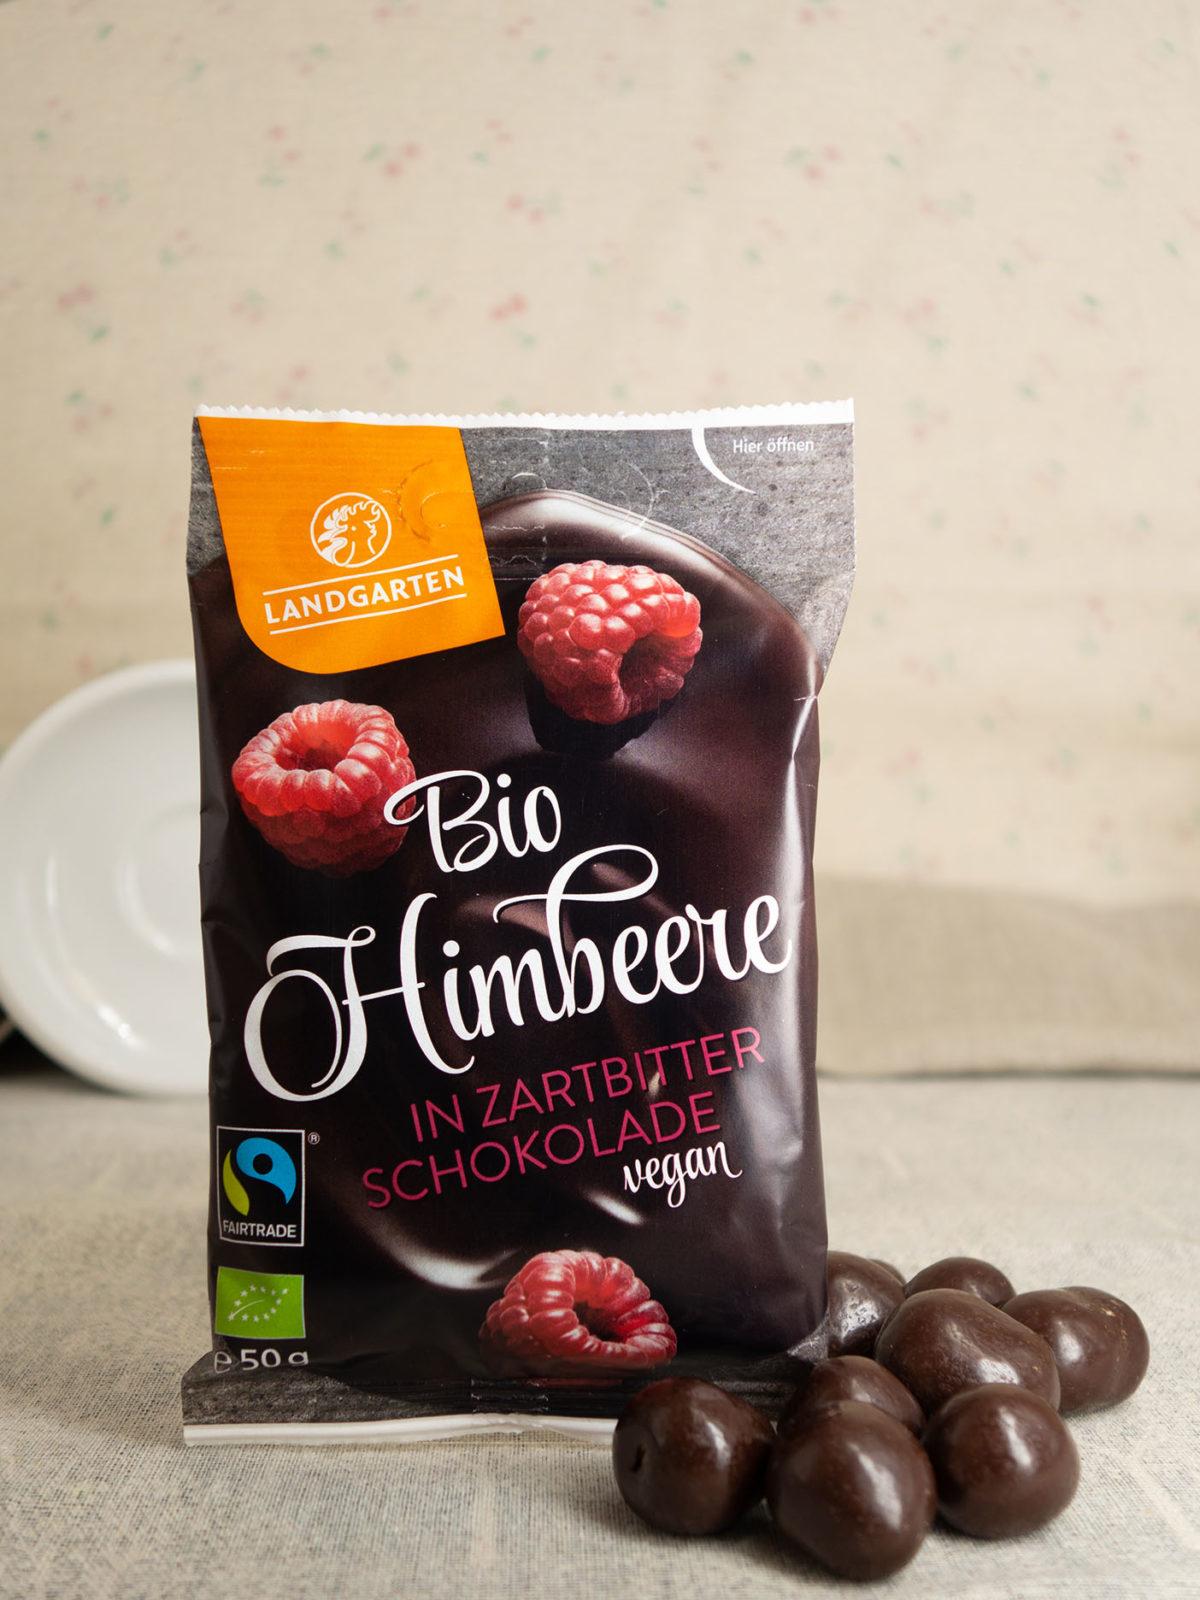 Bio Himbeere in Zartbitter-Schokolade